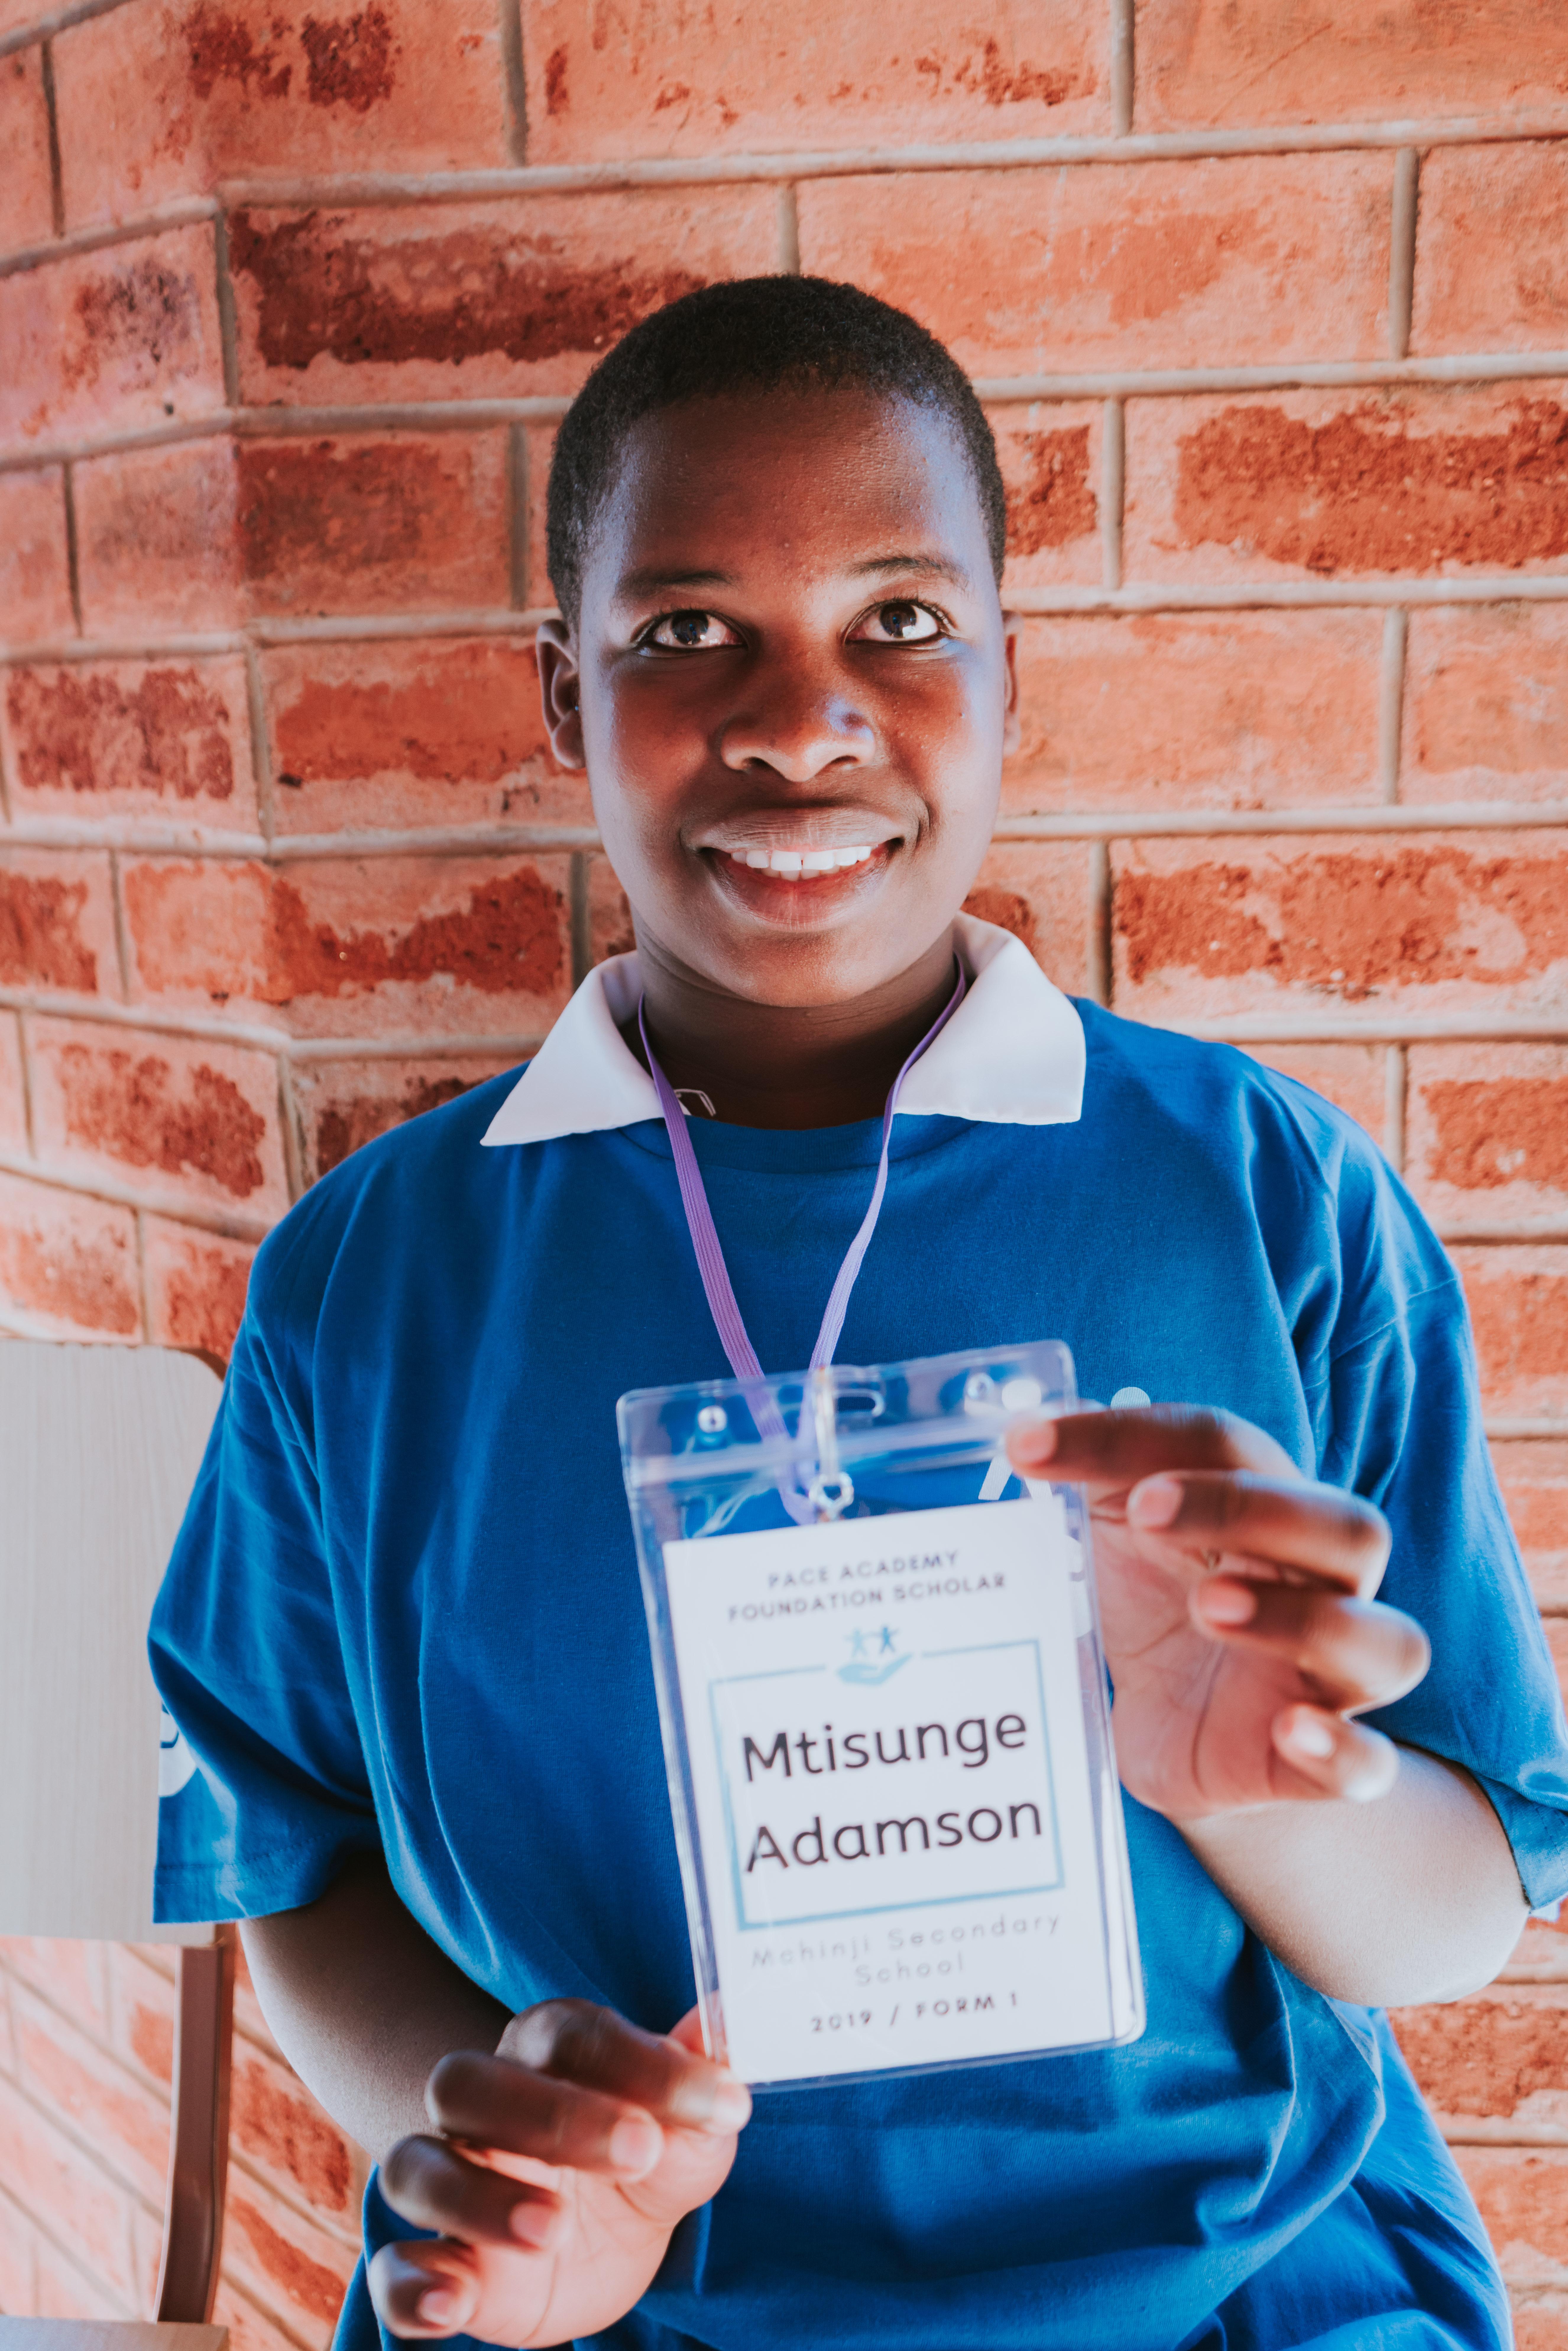 Mtisunge Adamson (Mchinji Secondary Scho